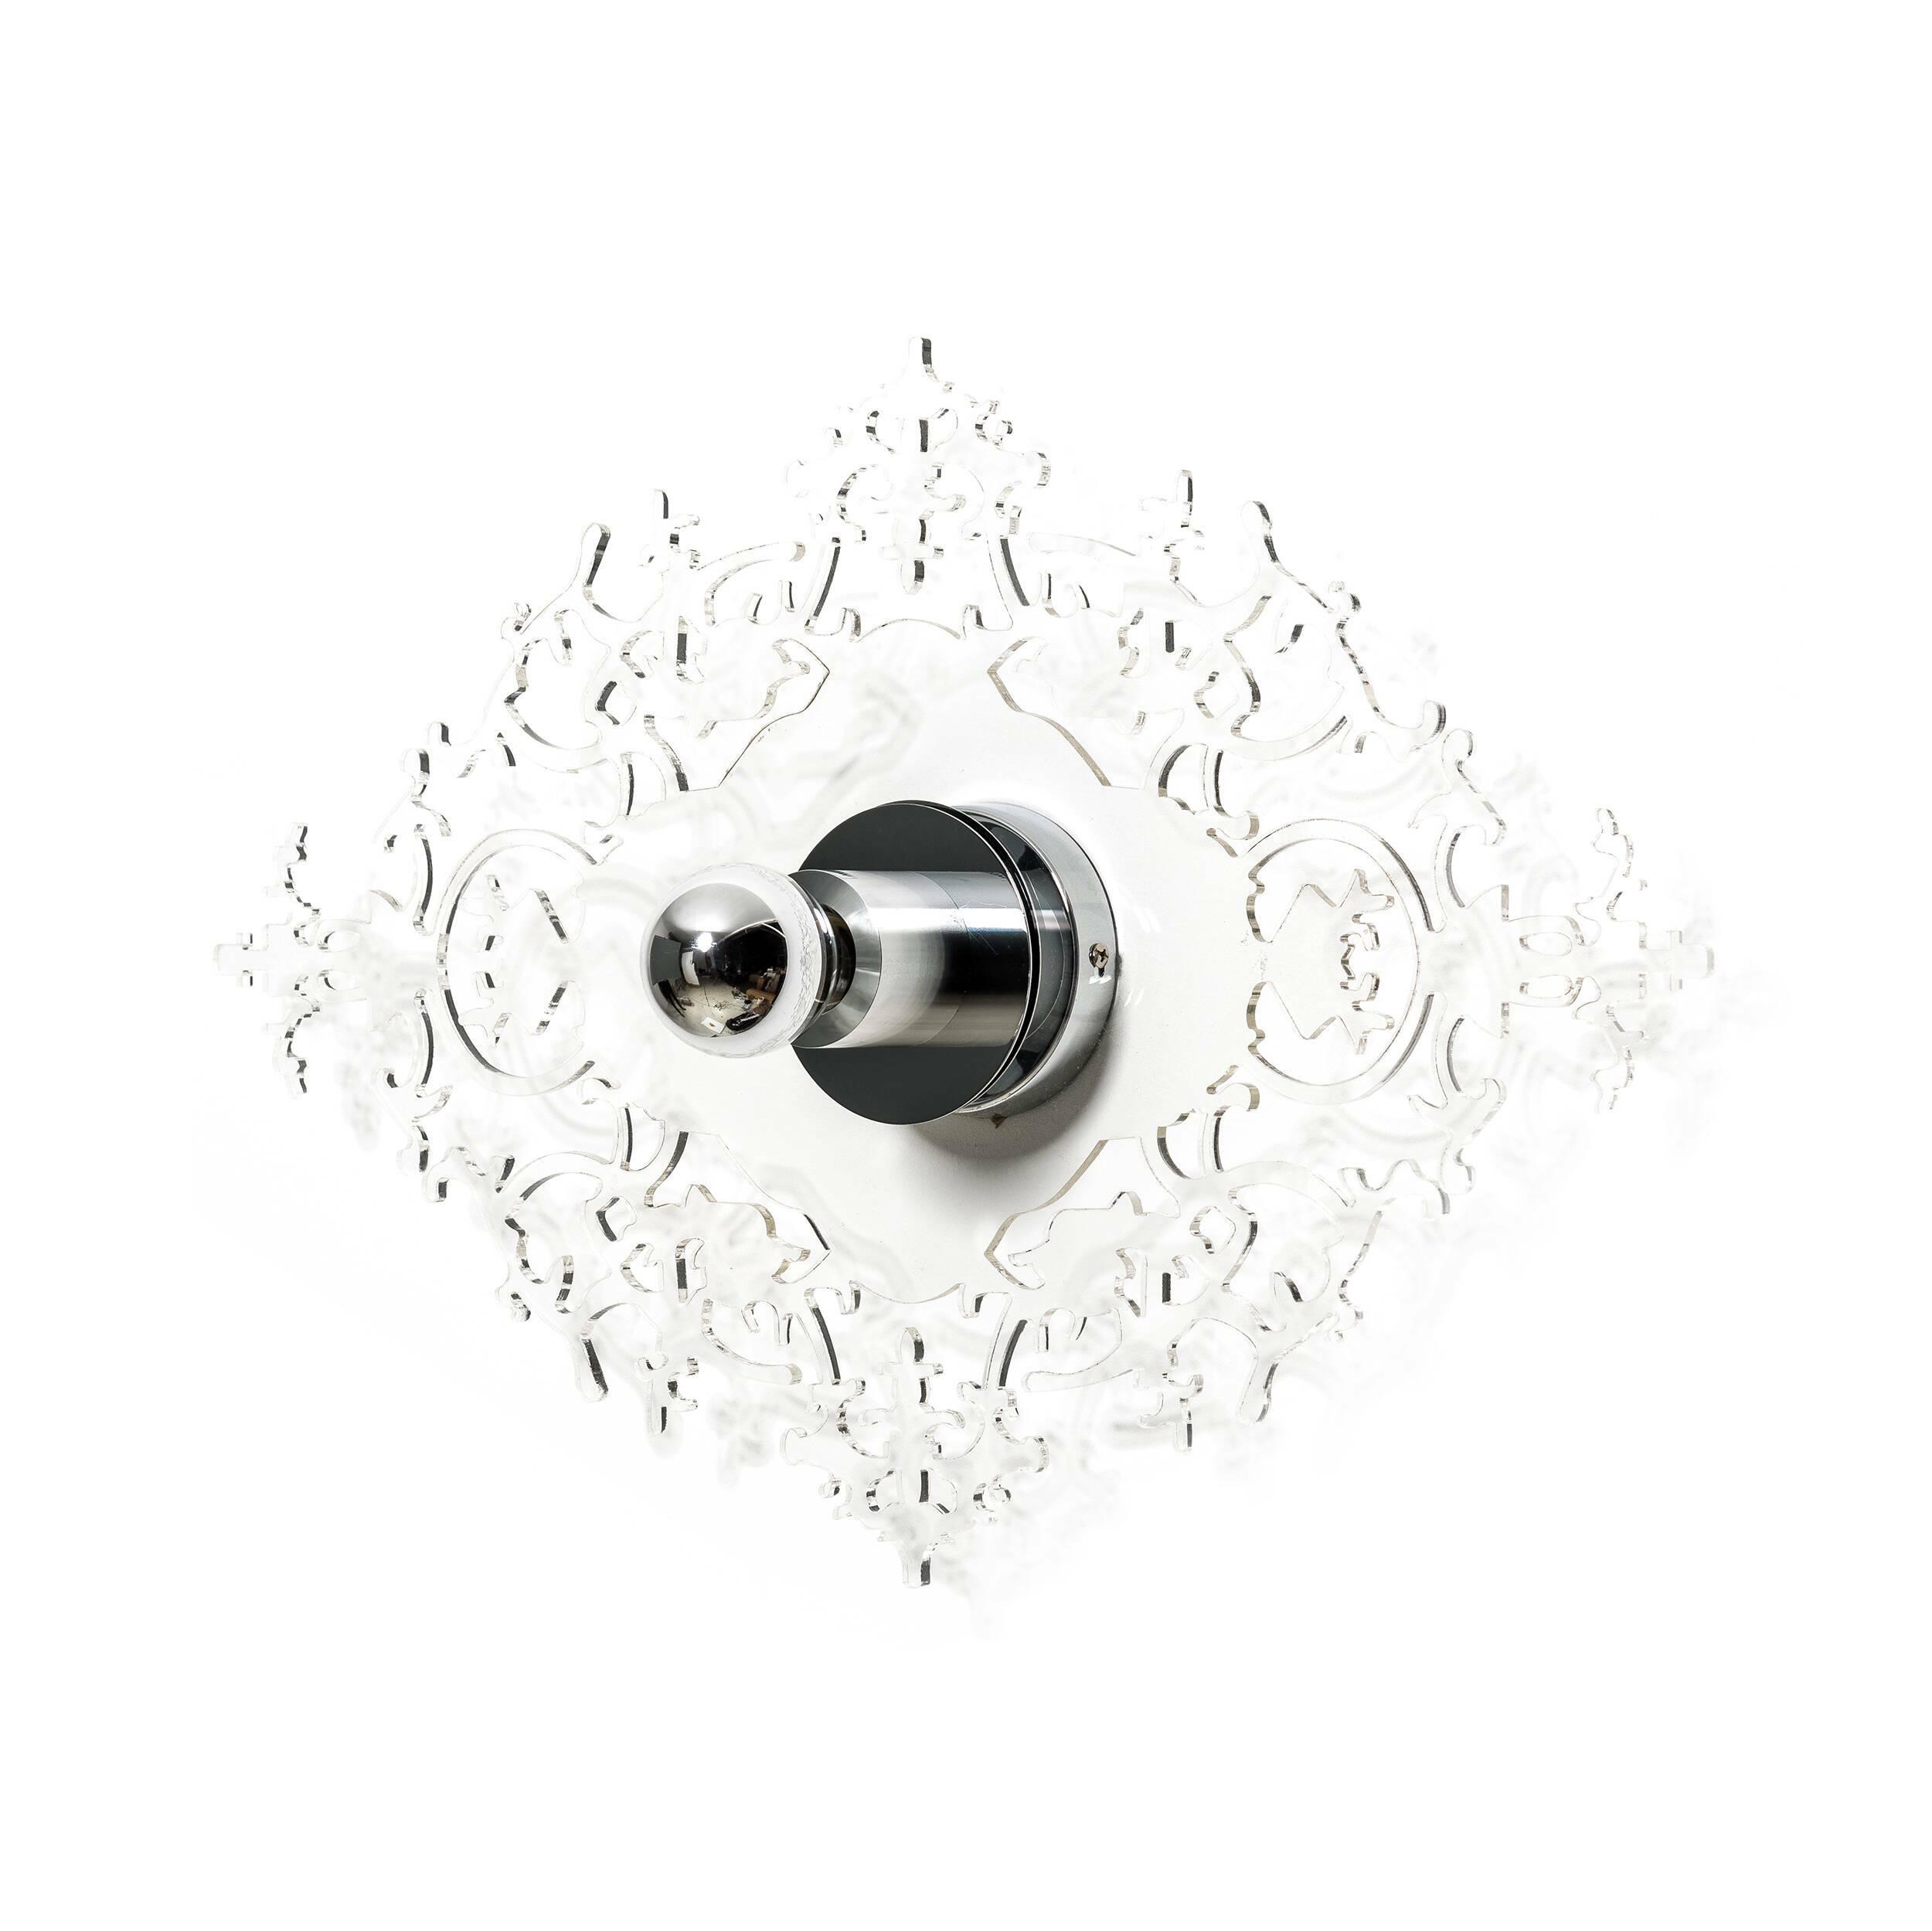 Настенный светильник Cosmo 15579791 от Cosmorelax